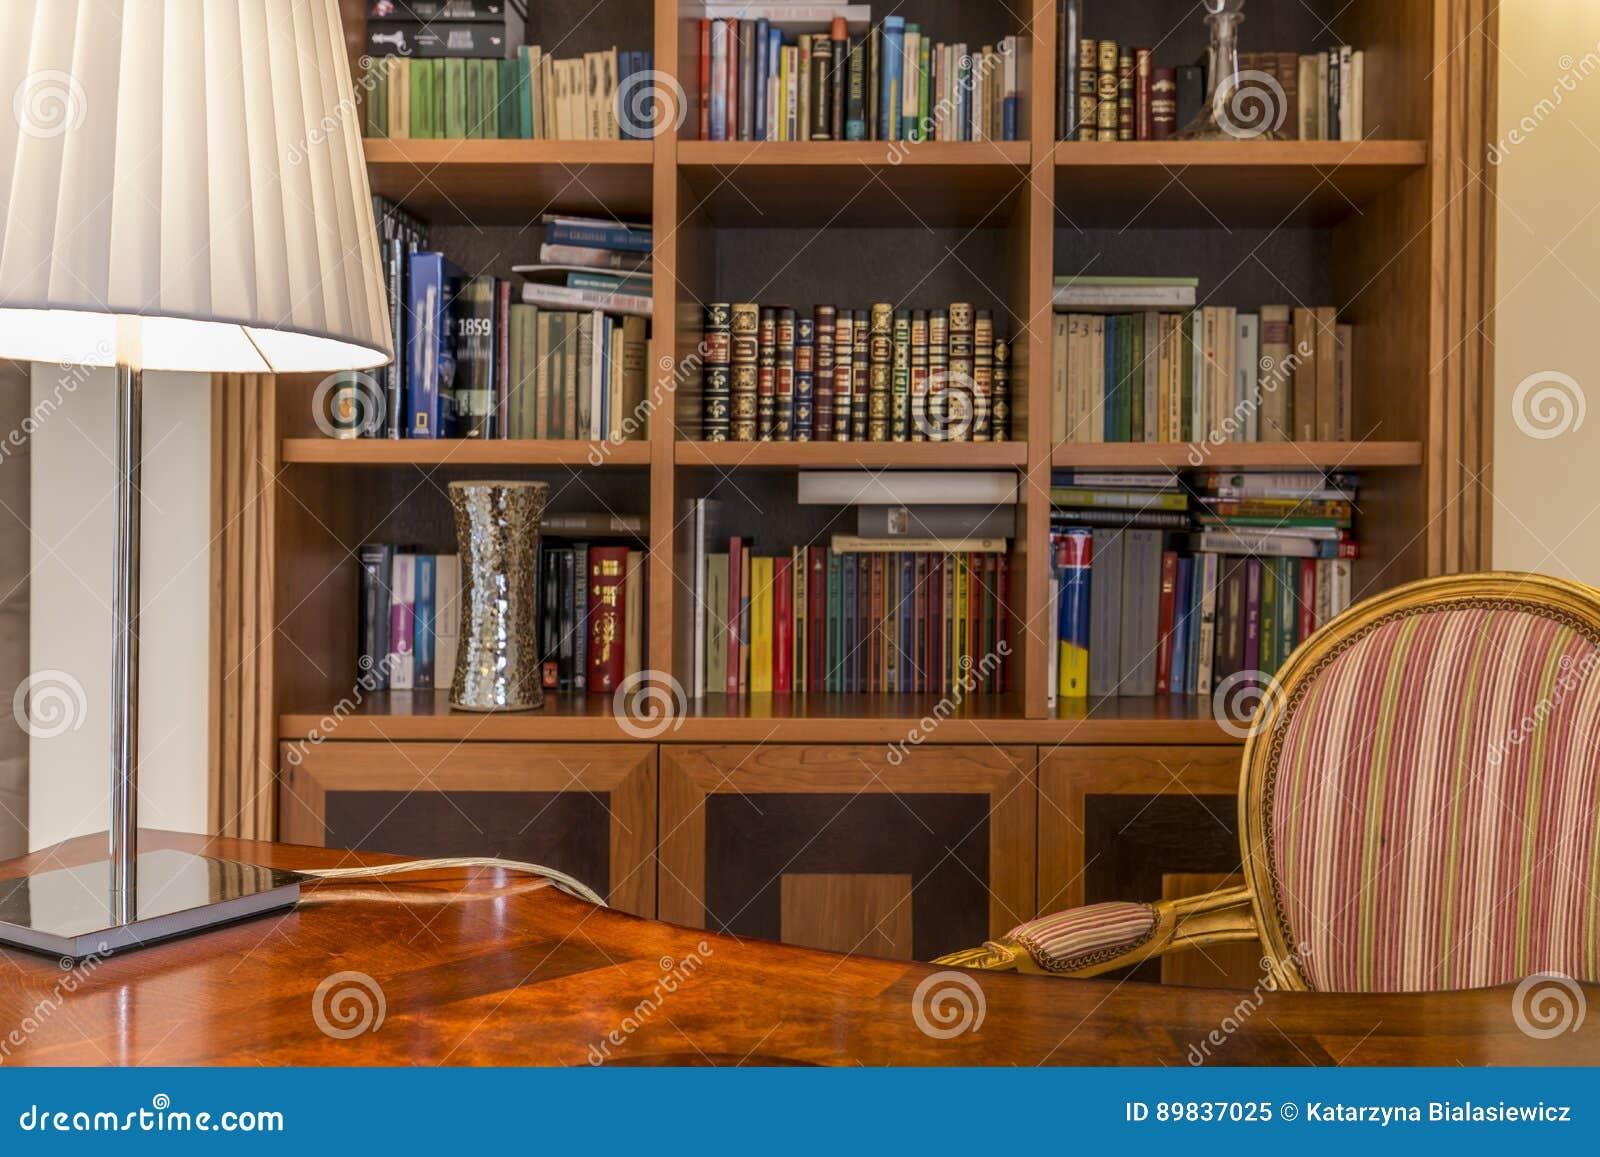 Houten Bureau En Klassieke Boekenkast Met Boeken Stock Afbeelding ...